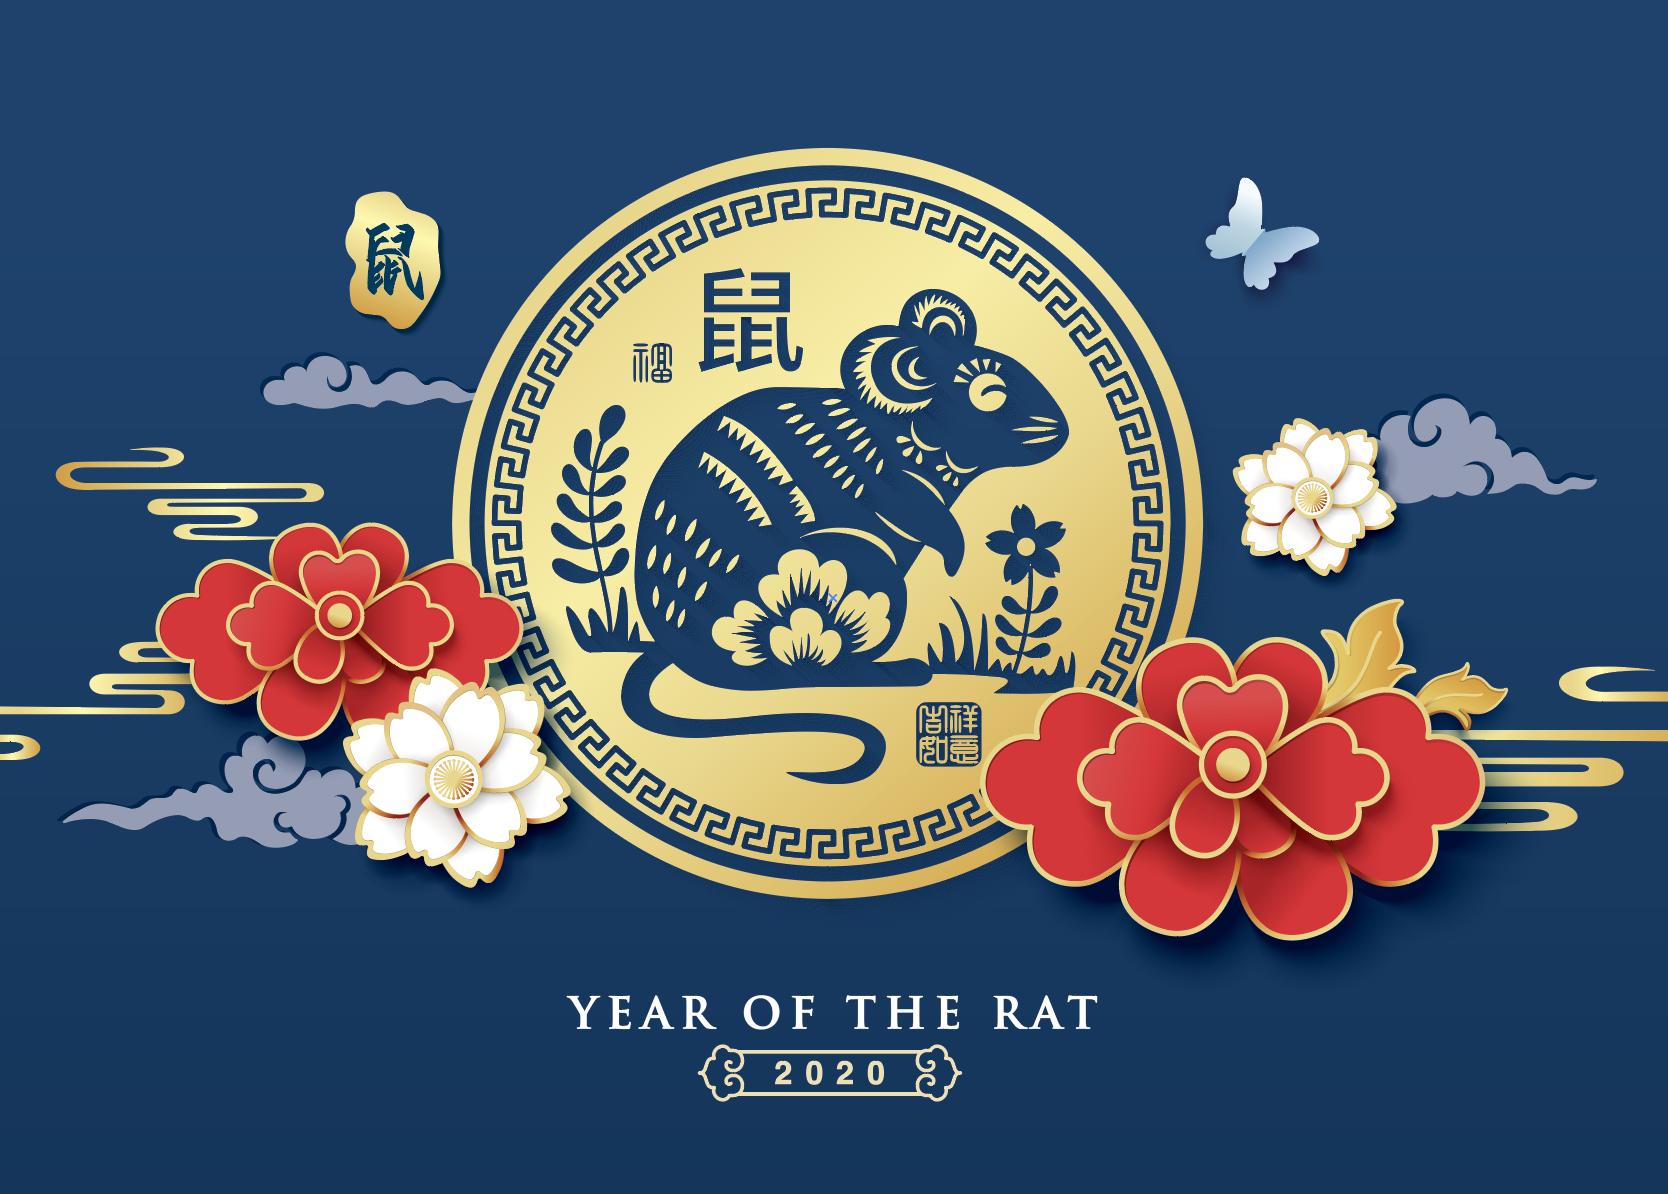 2020新年农历鼠年EPS矢量图形合集 Rat symbol New Year 2020 cartoon illustration 4插图(5)